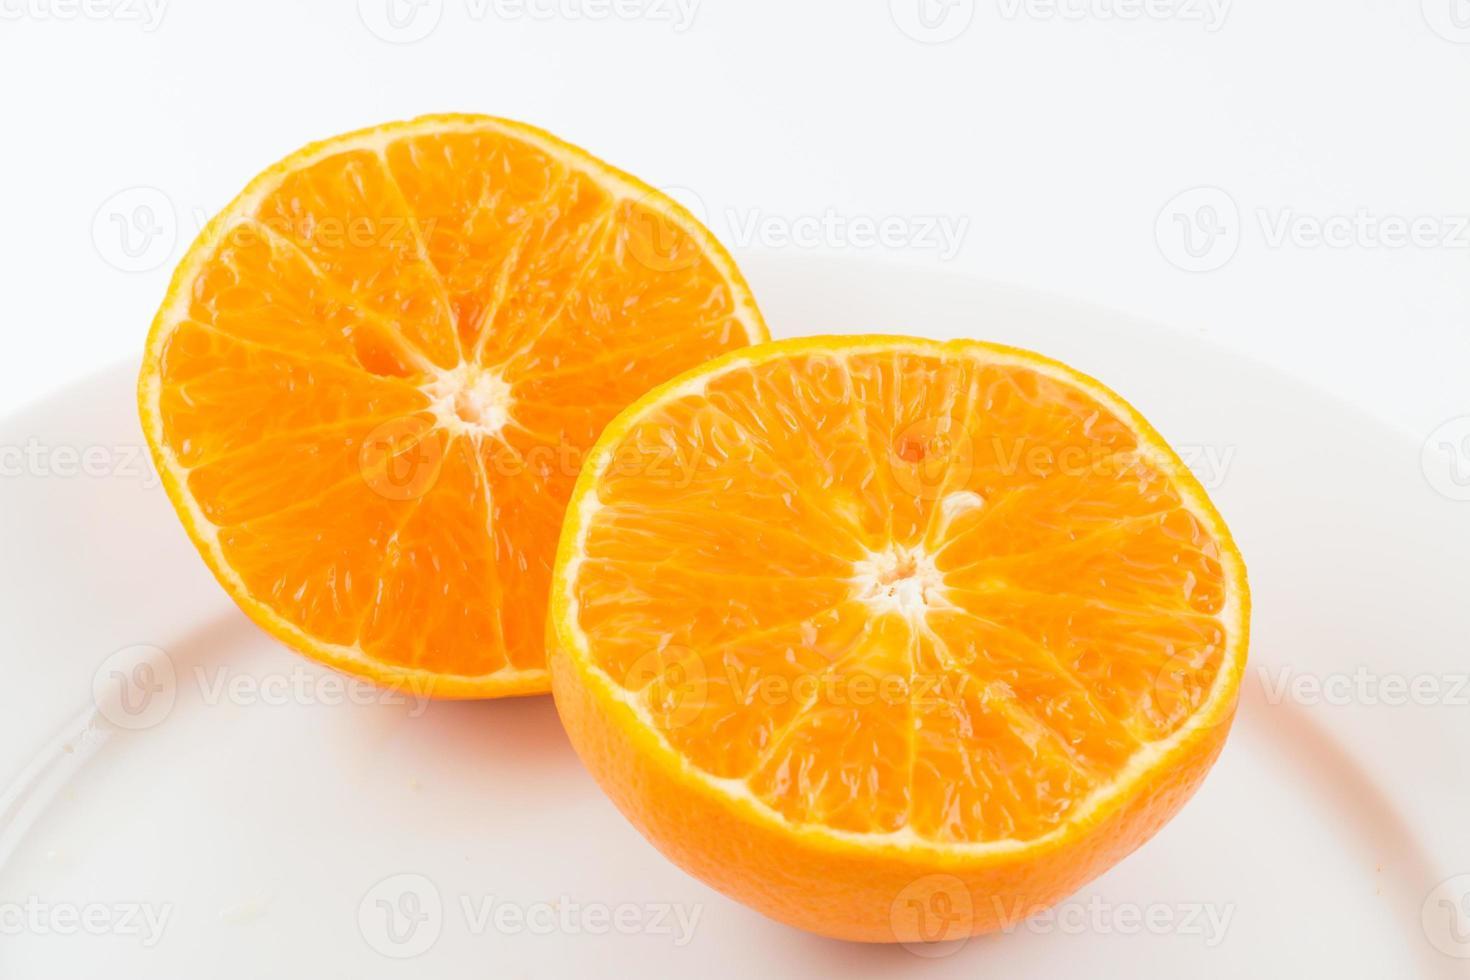 Media fruta naranja sobre fondo blanco, fresca y jugosa foto